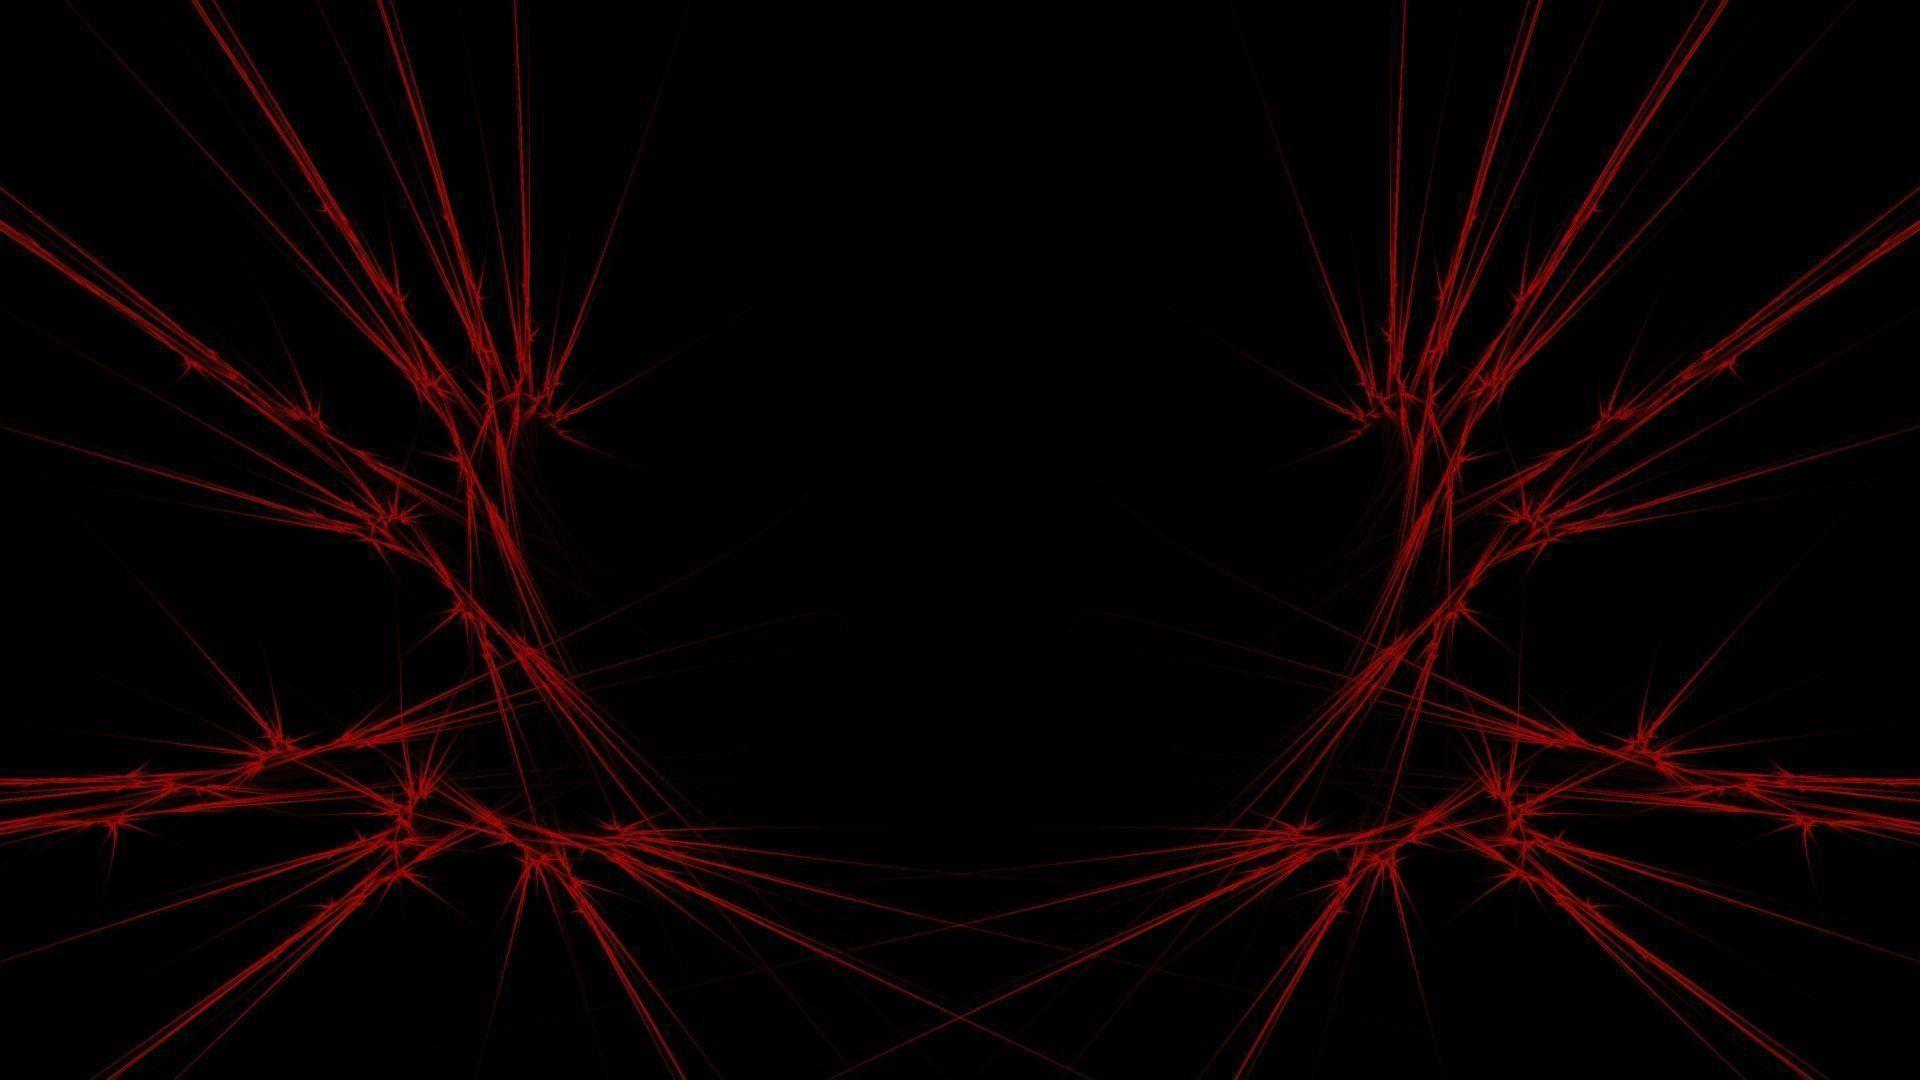 Black and Red 4K Wallpaper – WallpaperSafari